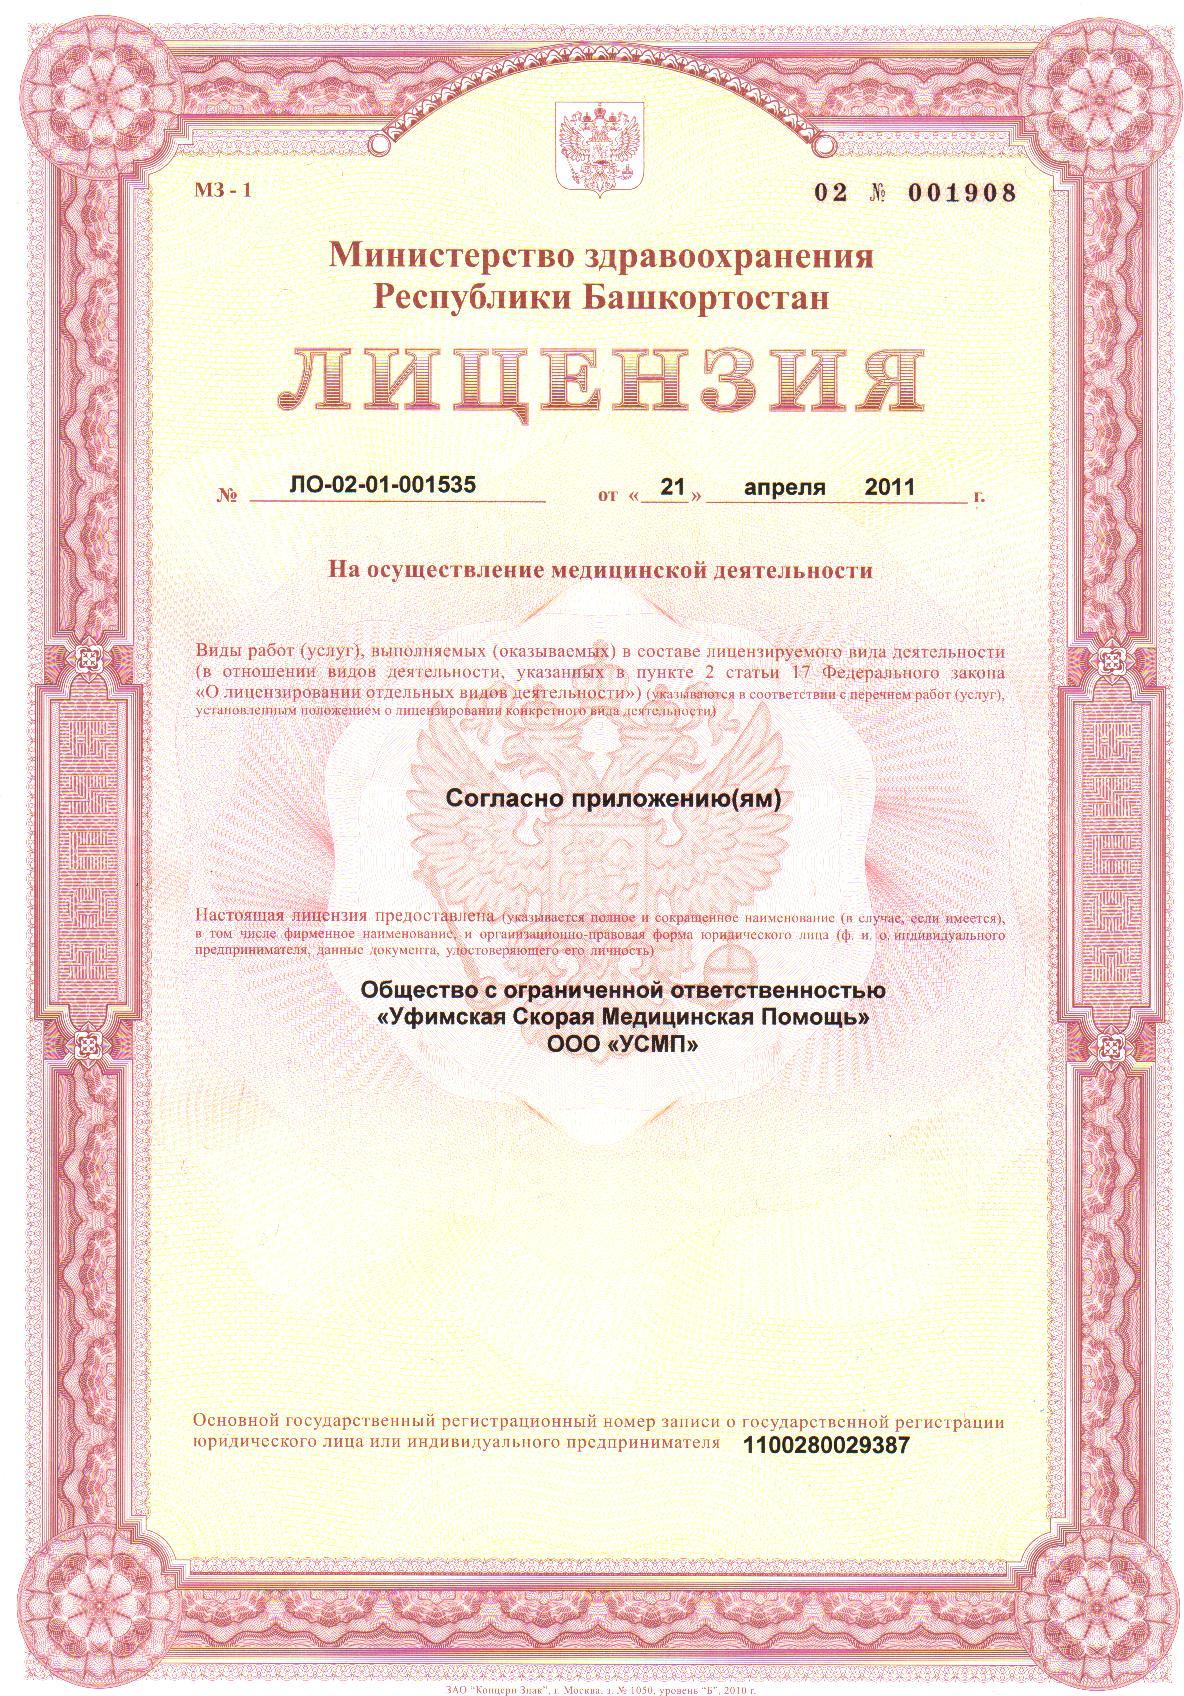 Лицензия535 .jpg 3